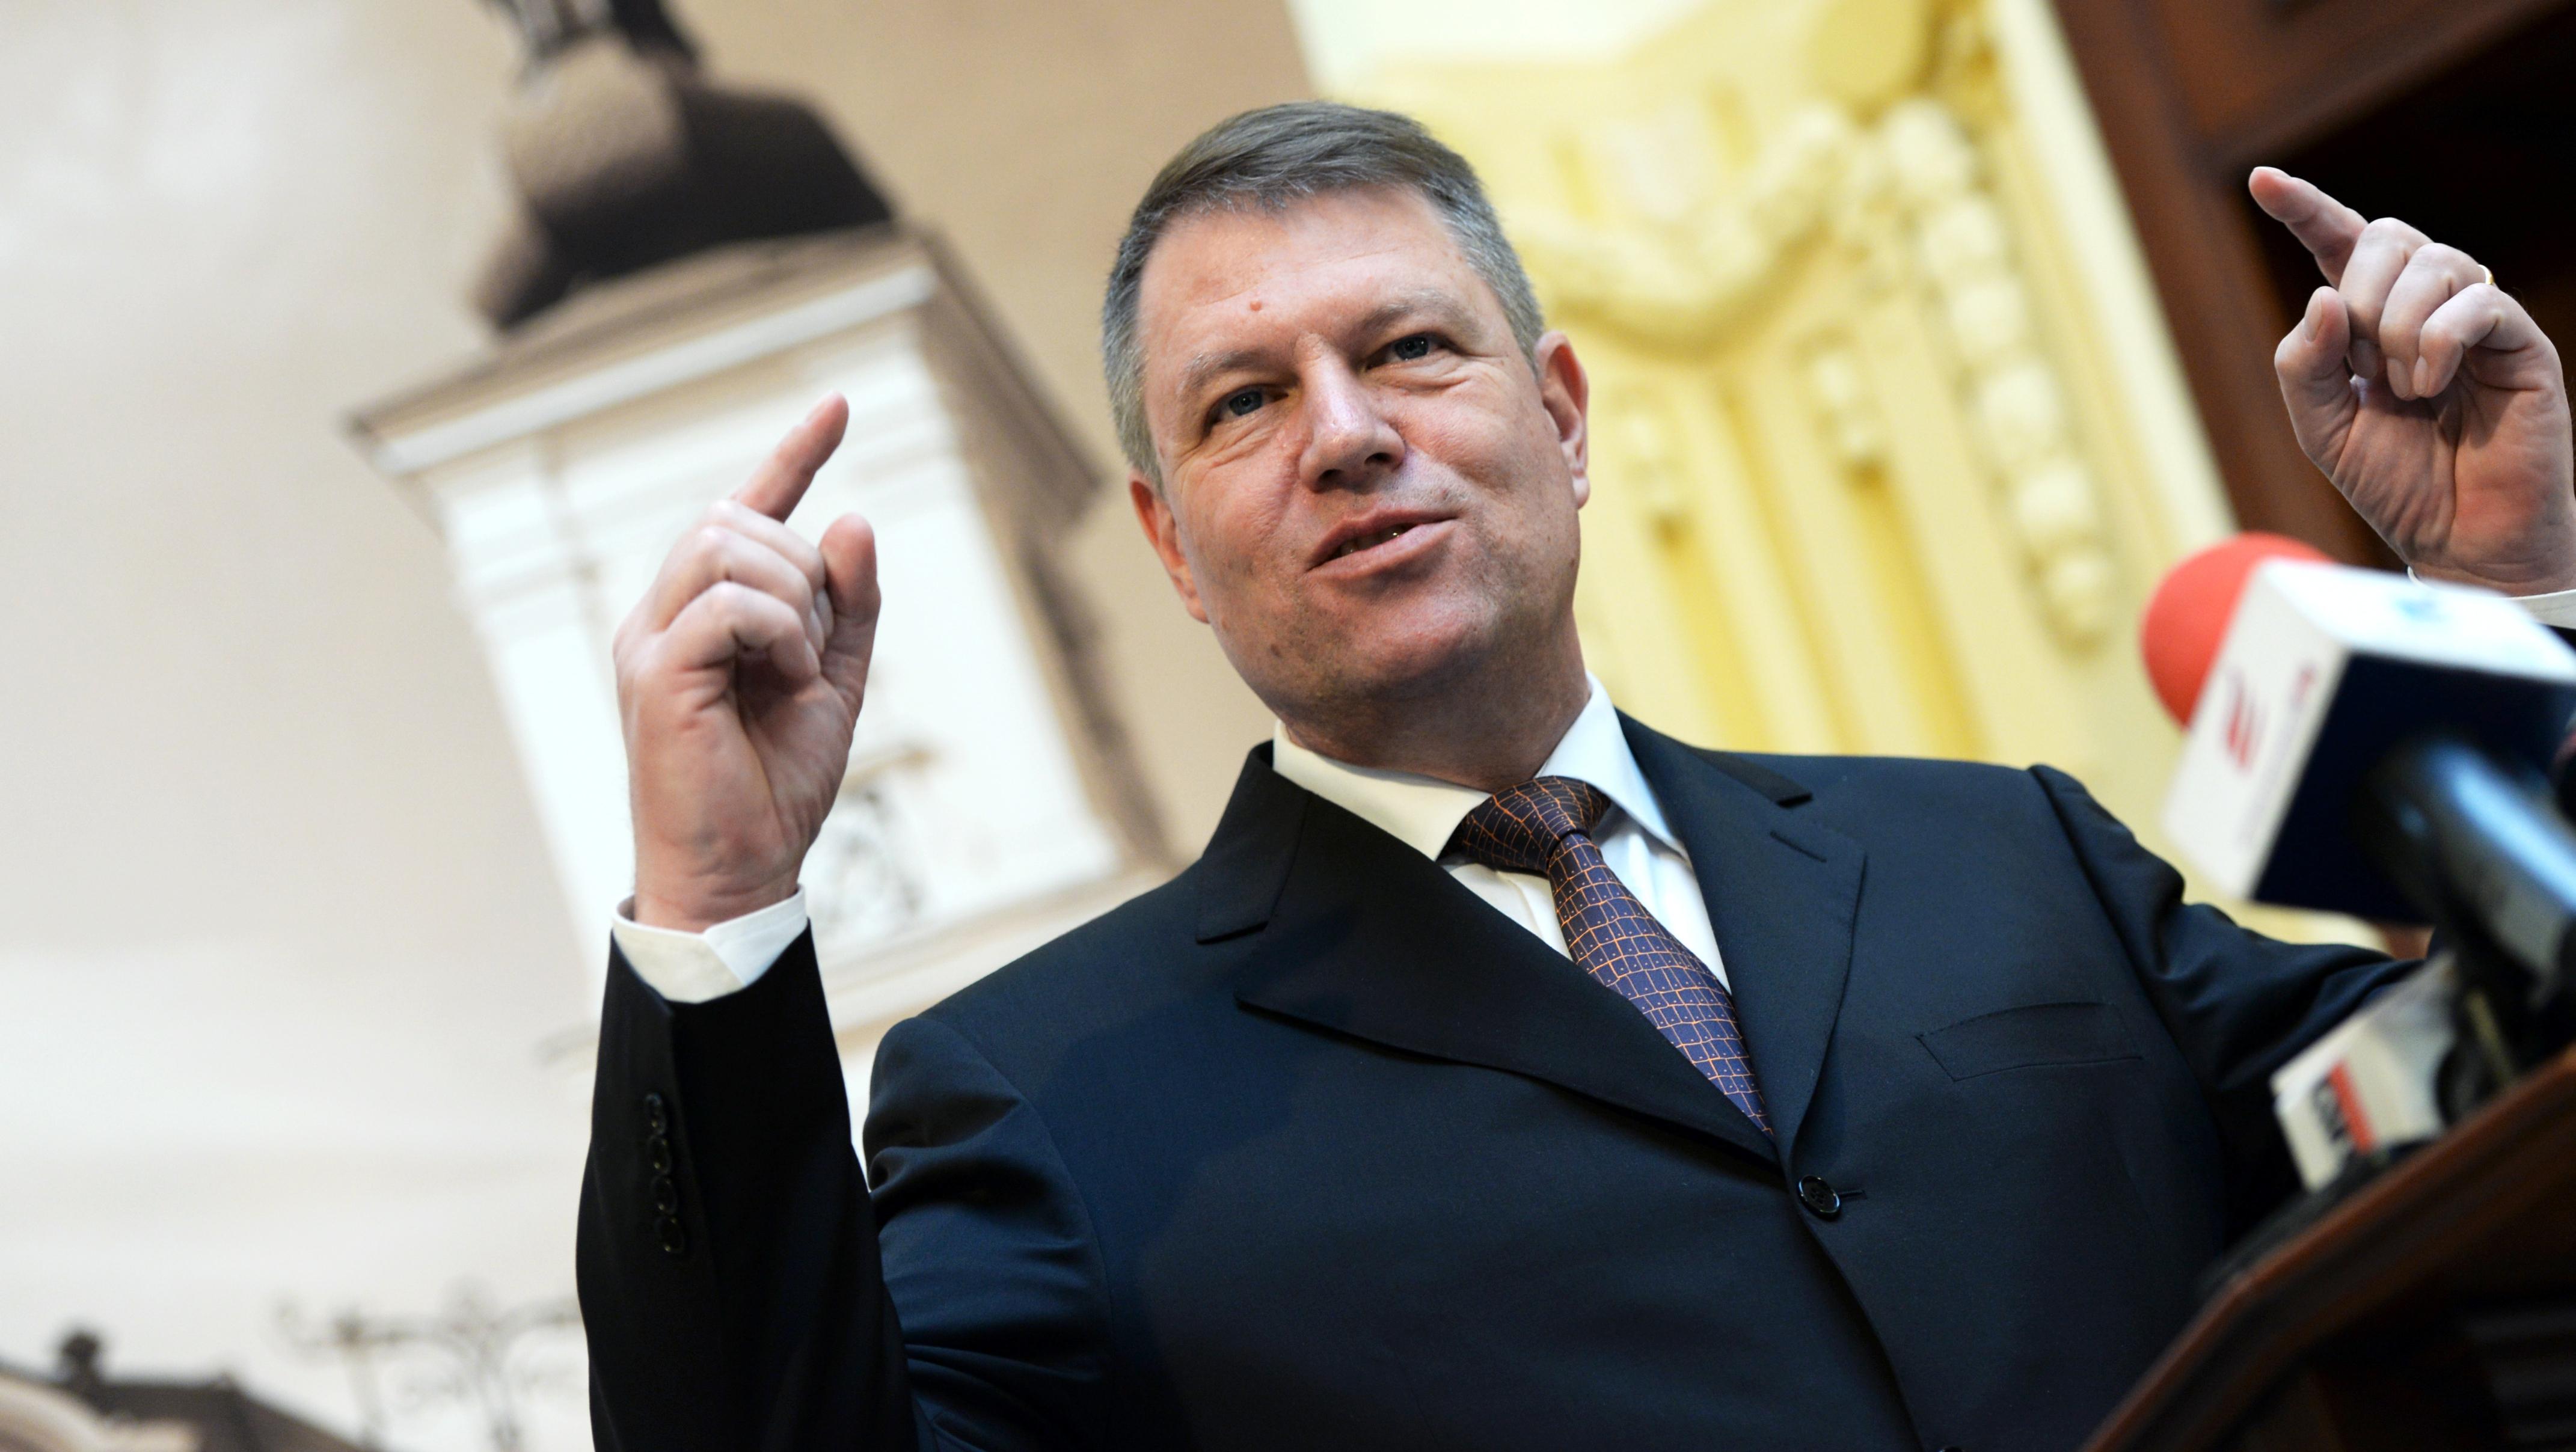 Iohannis va participa pe 16 decembrie la ceremoniile de la Timisoara dedicate Revolutiei